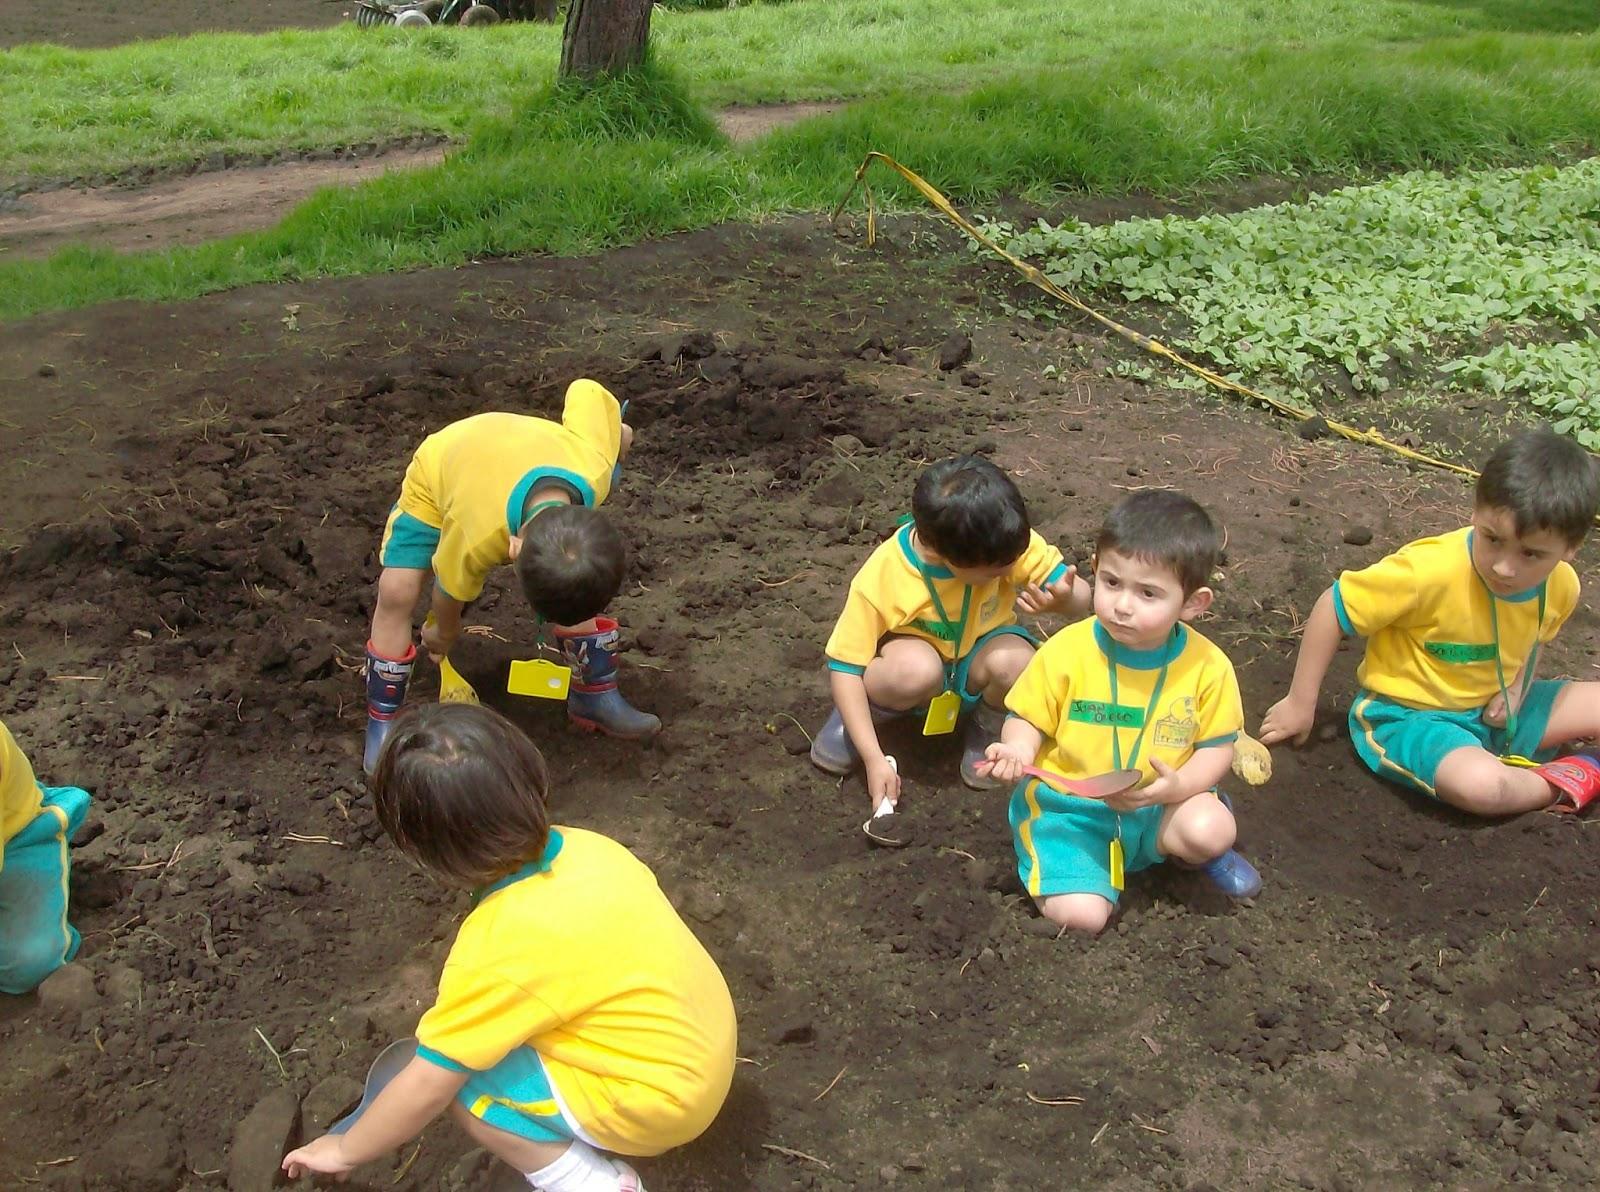 Jardin infantil los amiguitos de franklin for Amiguitos del jardin